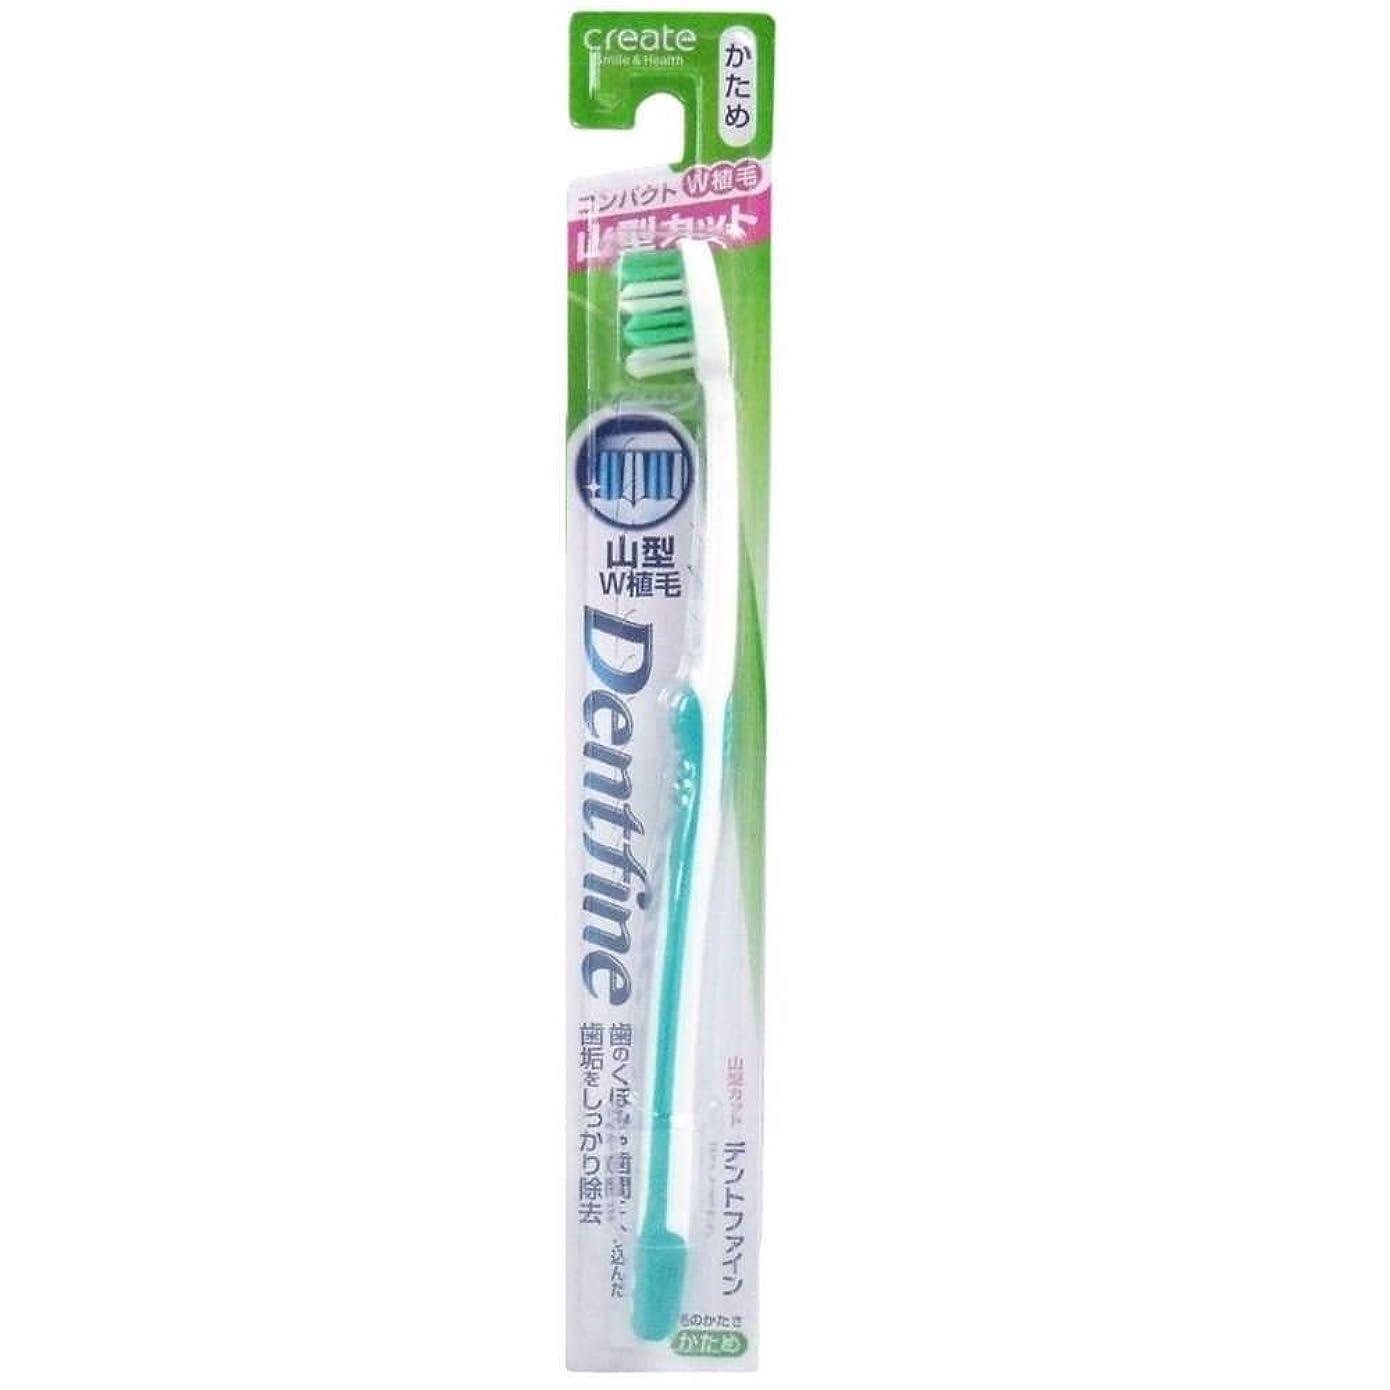 ではごきげんようひどい資本デントファイン ラバーグリップ 山切りカット 歯ブラシ かため 1本:グリーン